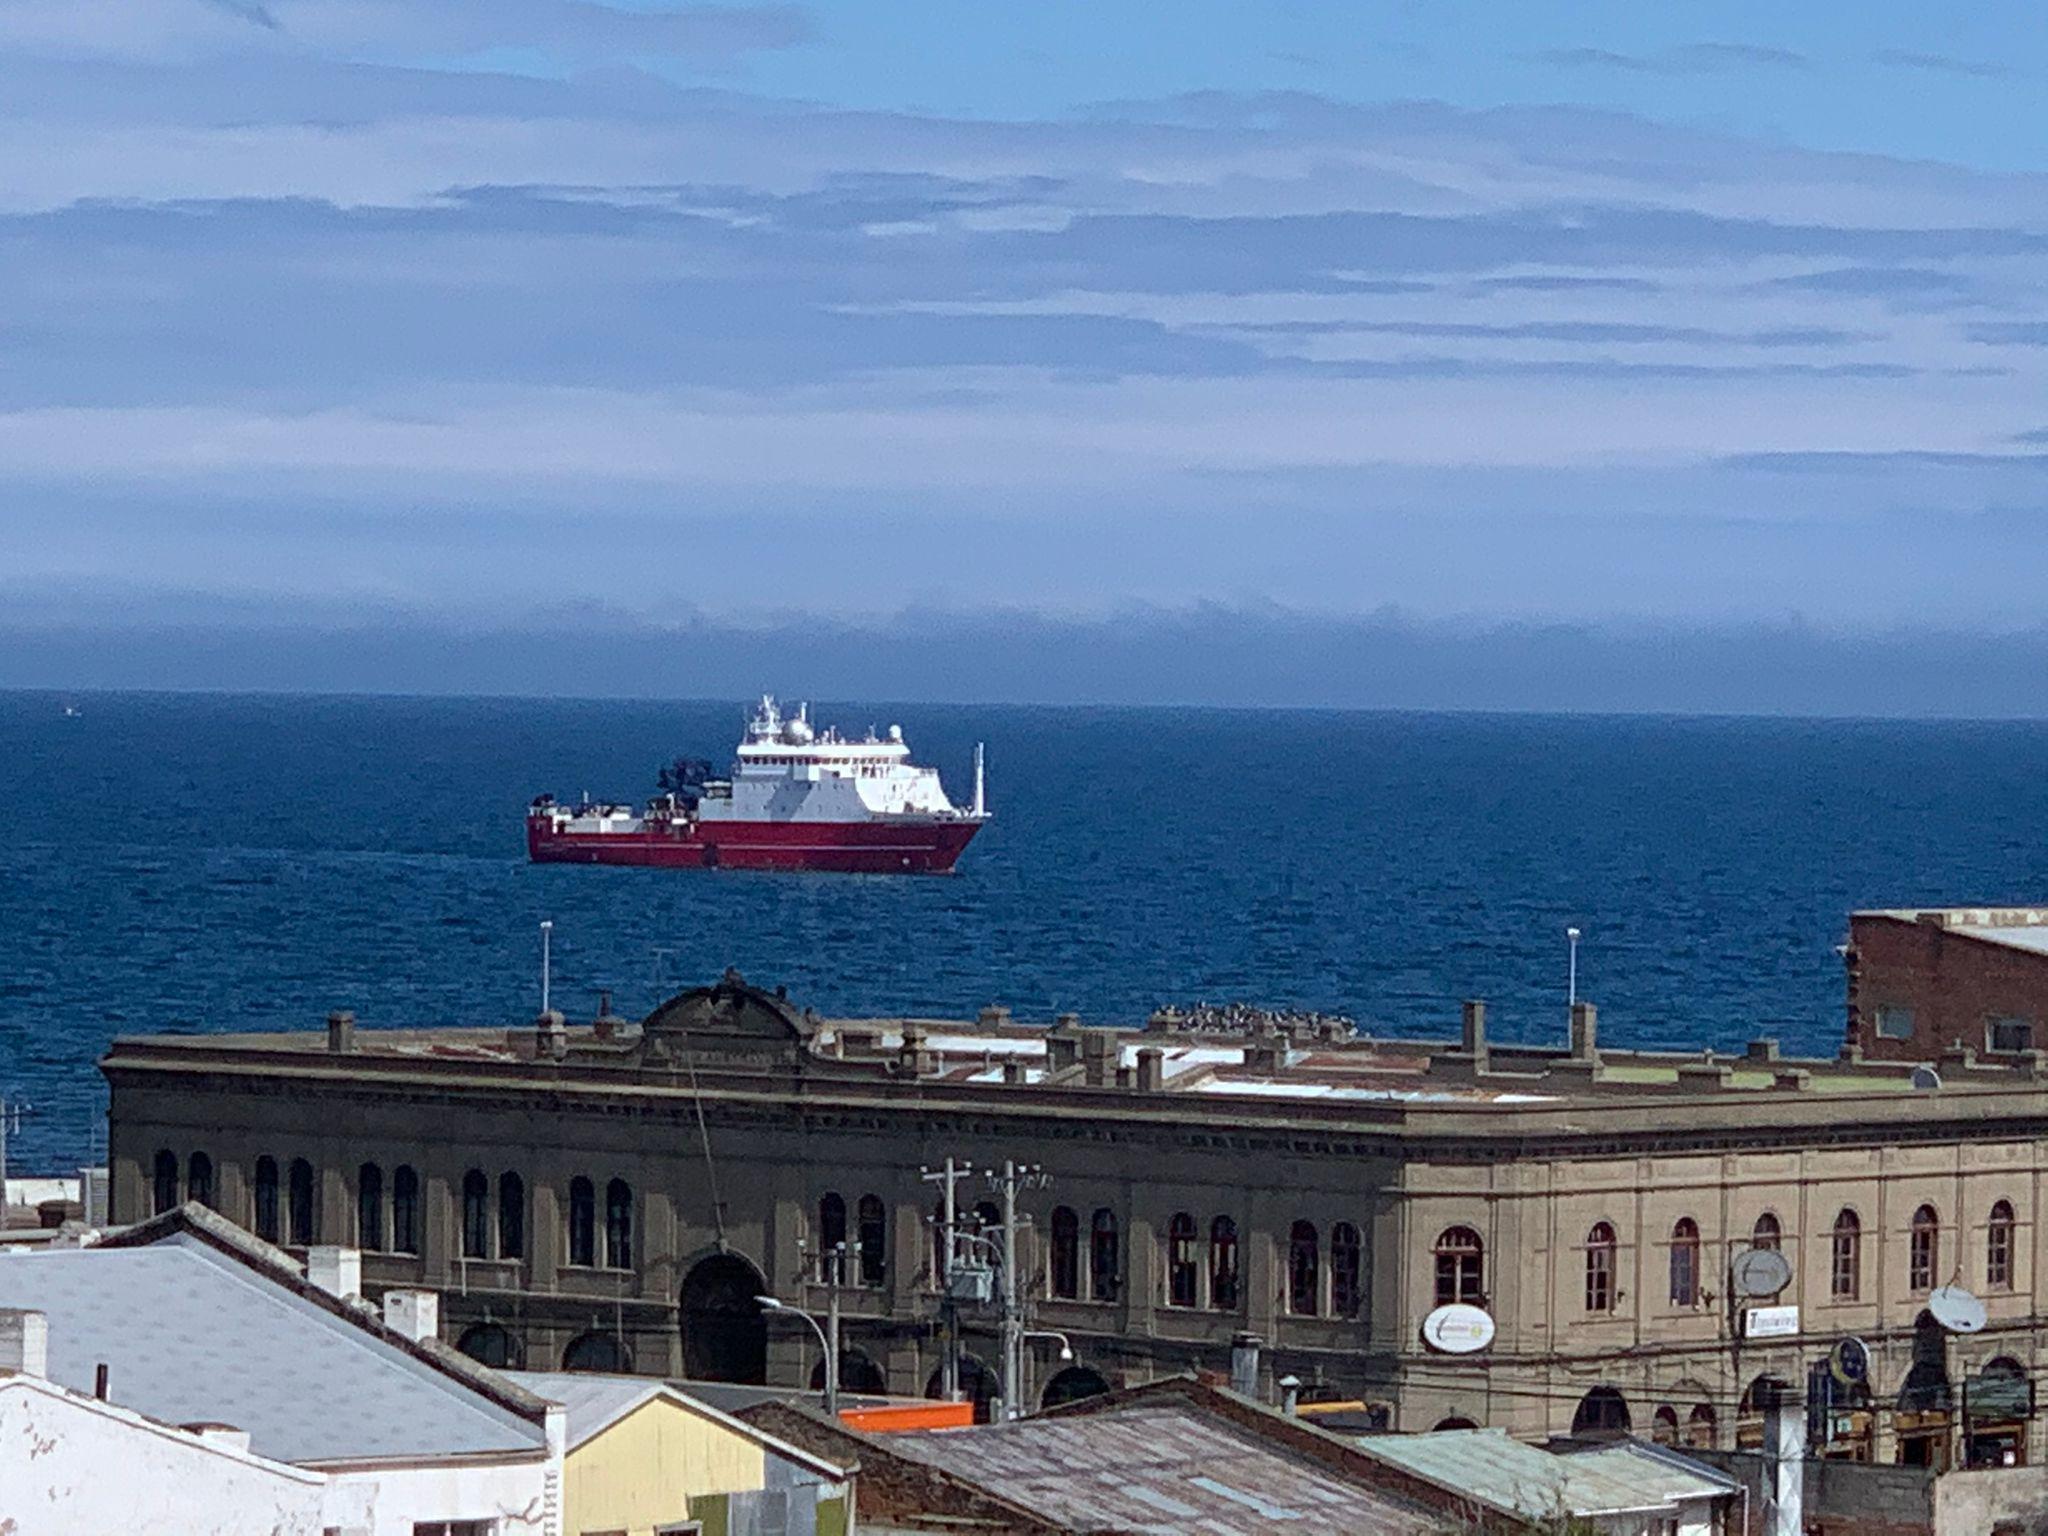 El 'Sarmiento de Gamboa' parte hacia la Antártida para participar en la XXXIV Campaña Antártica Española